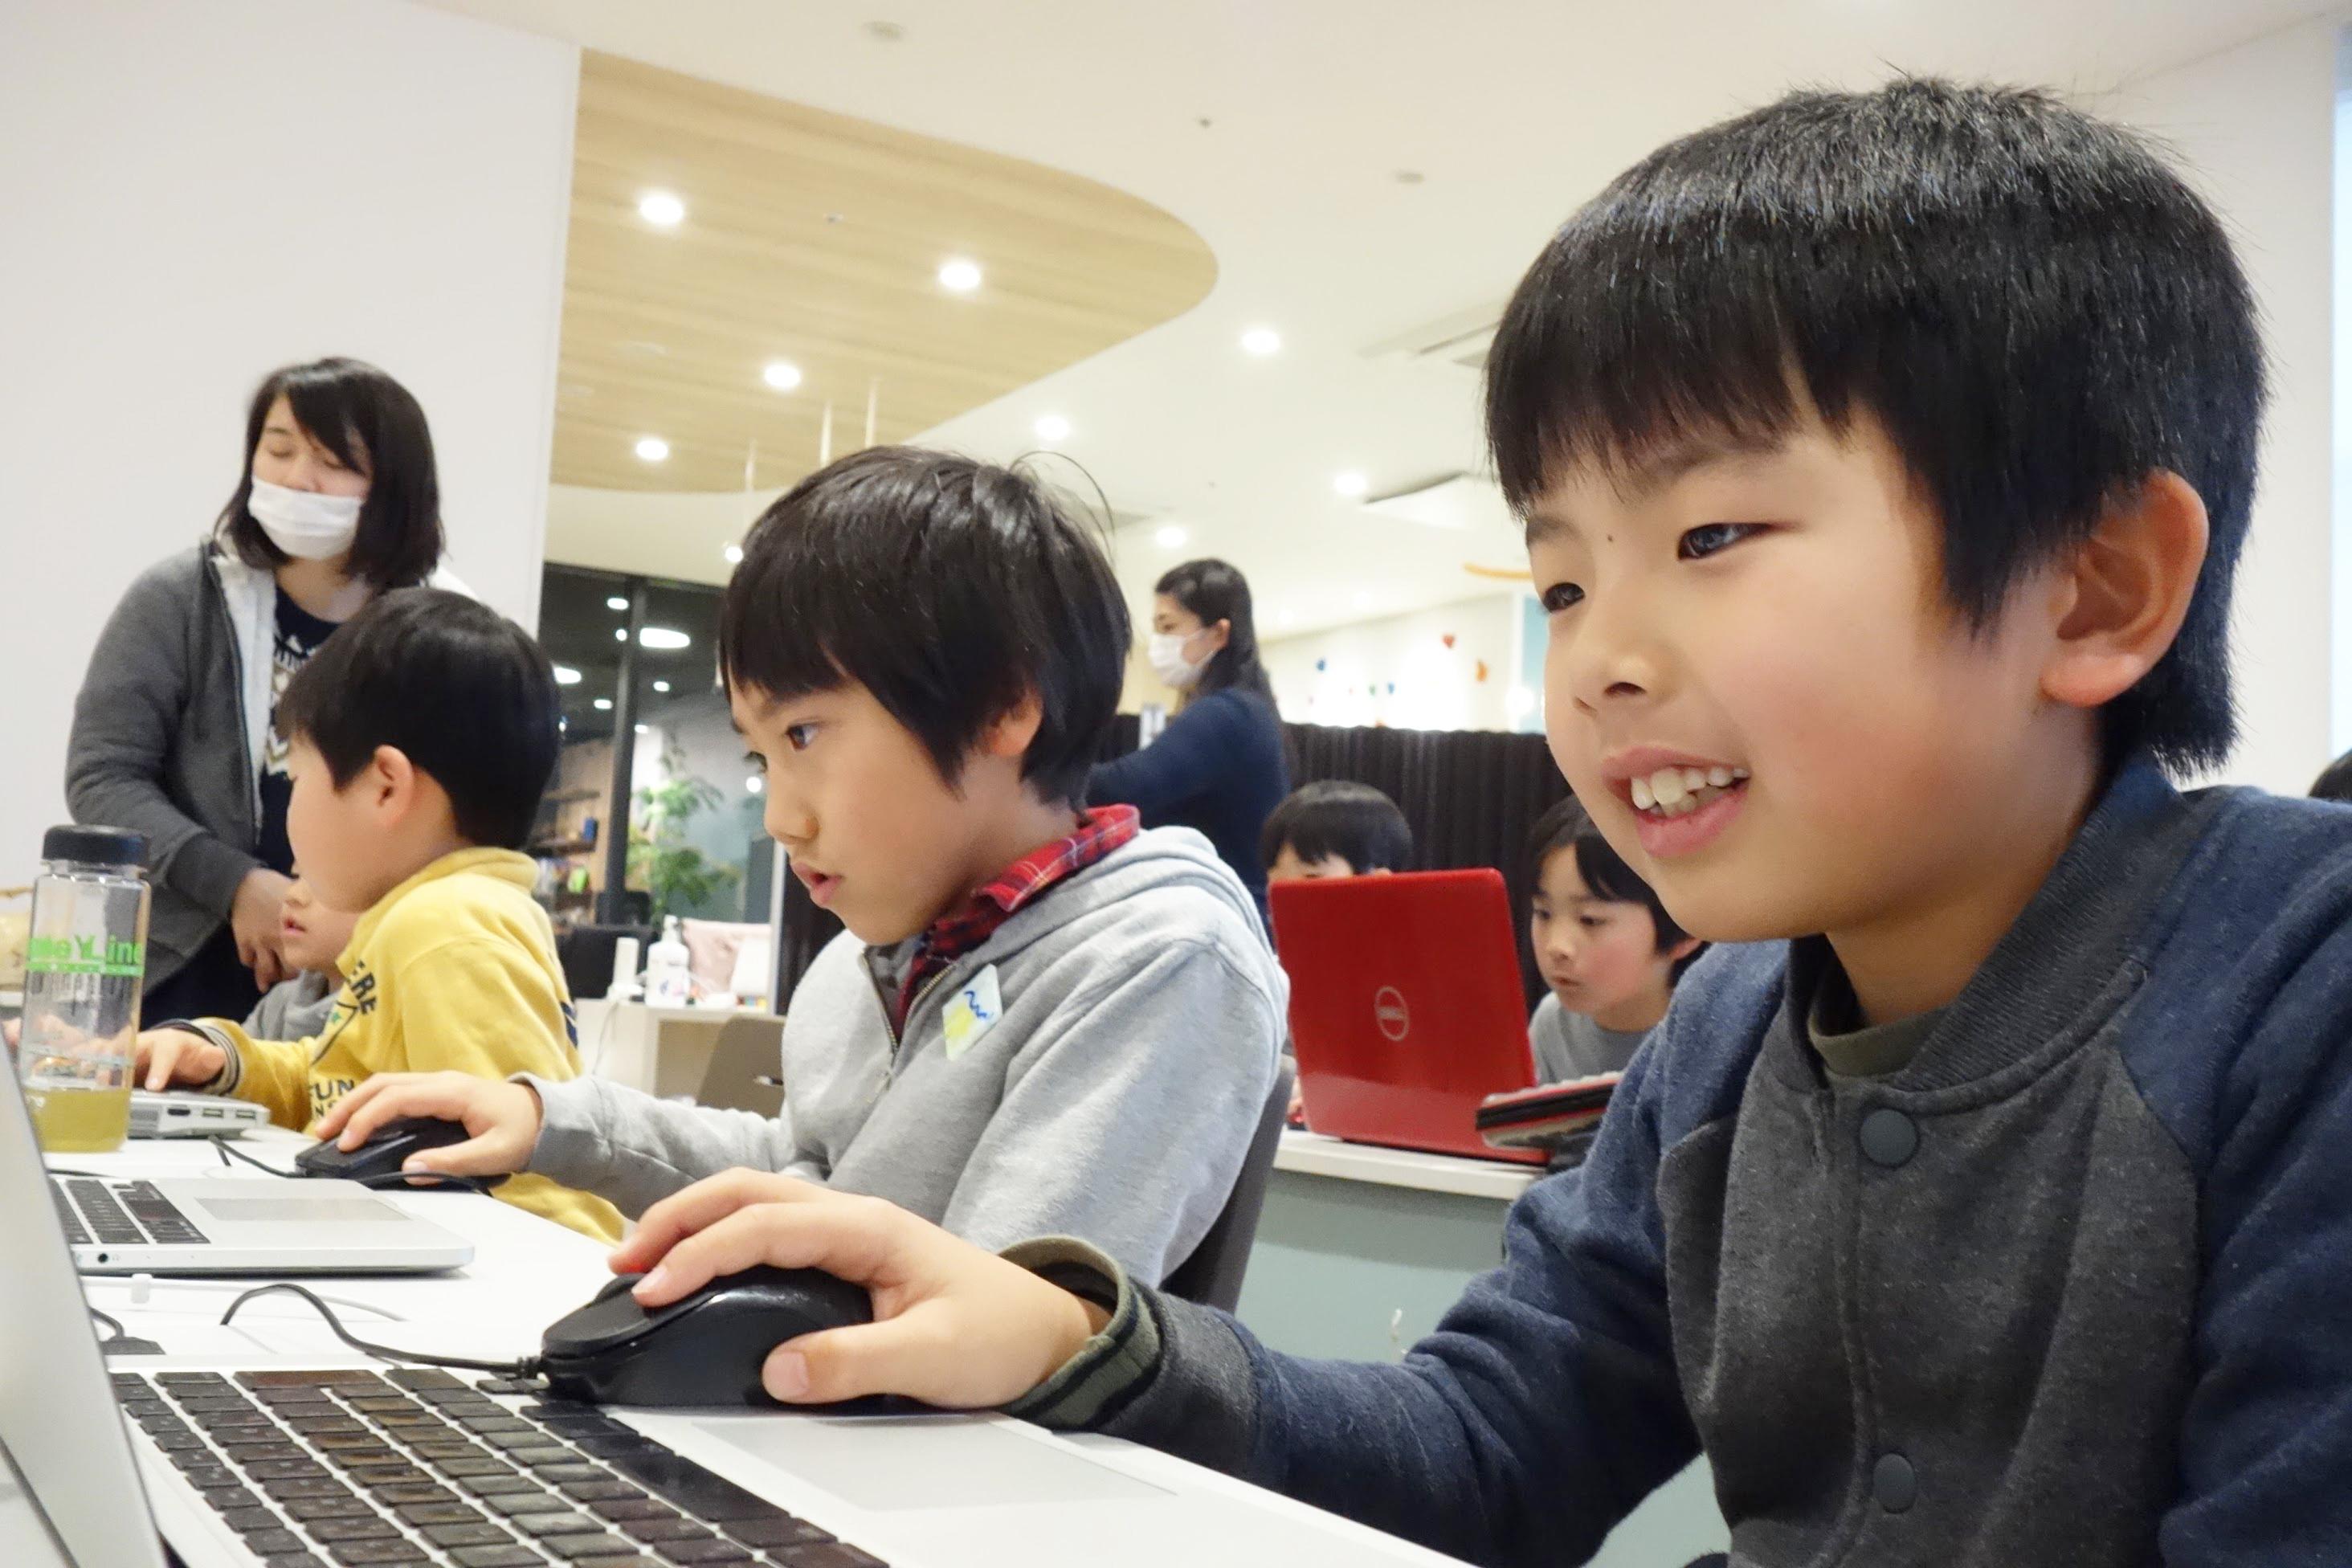 【2/17(土)・体験イベント】「はじめてのプログラミング」を開催します